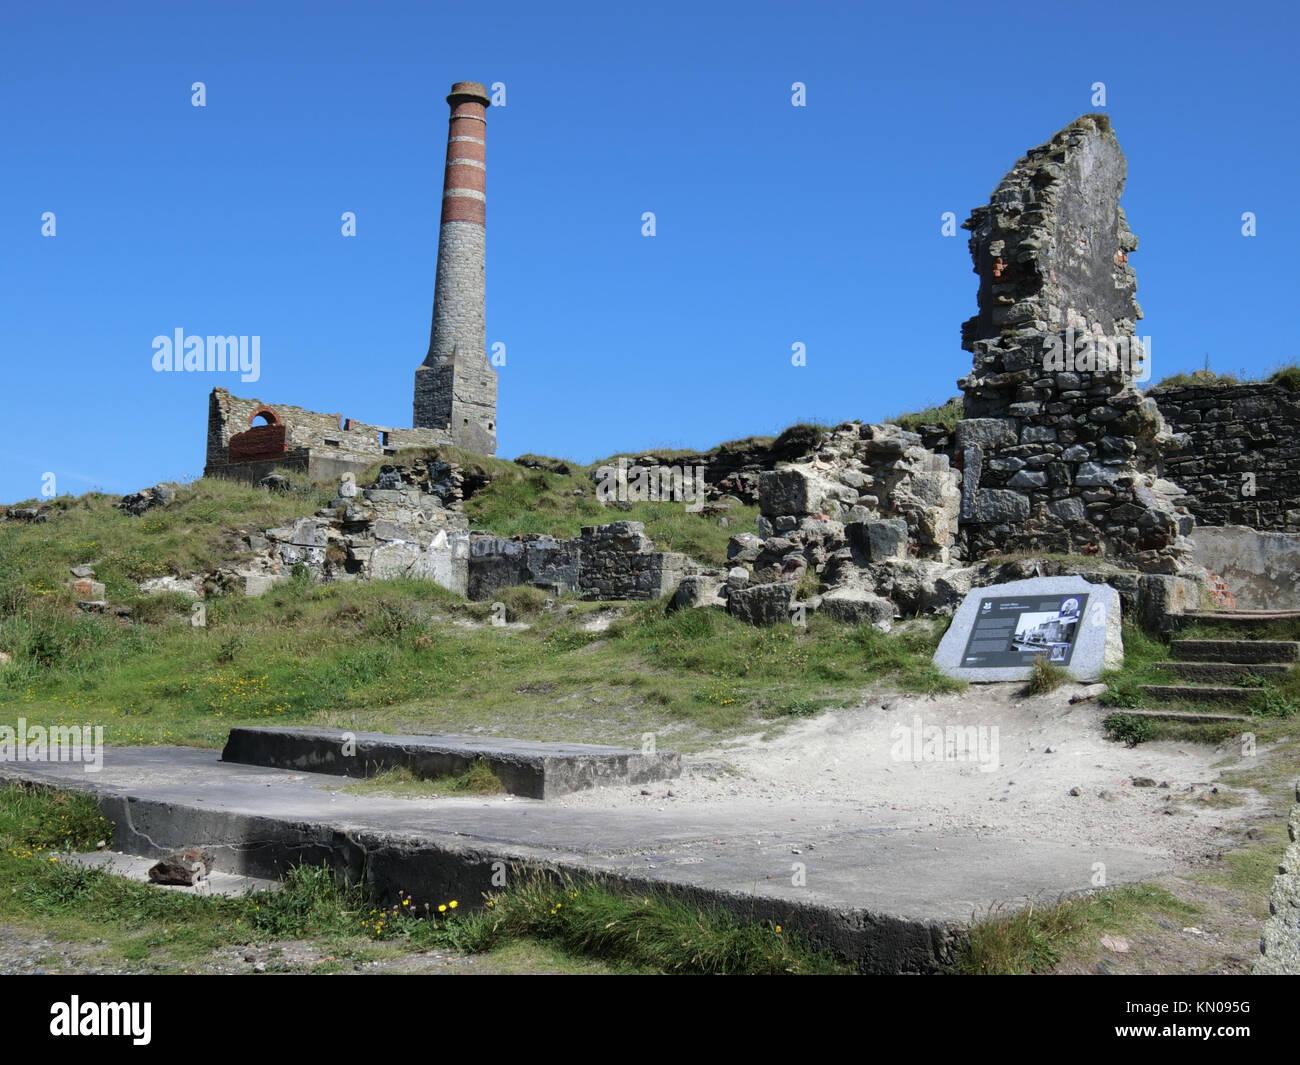 Levant Mine & Beam Engine, UNESCO World Heritage Site